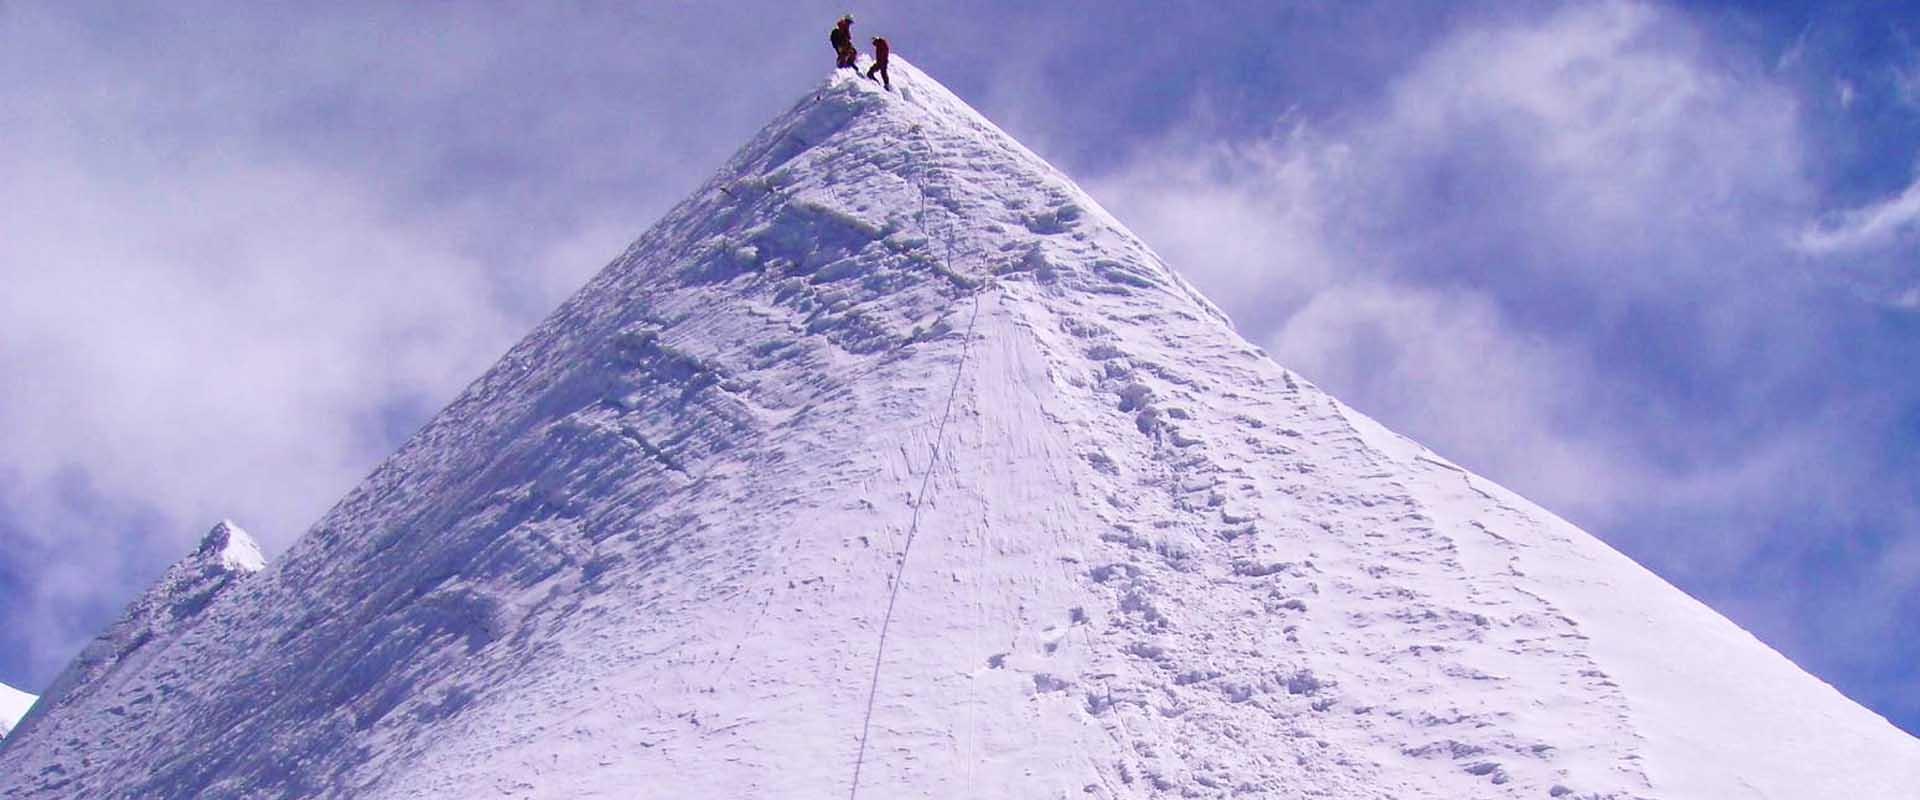 Pisang Peak Climbing - 18 Days